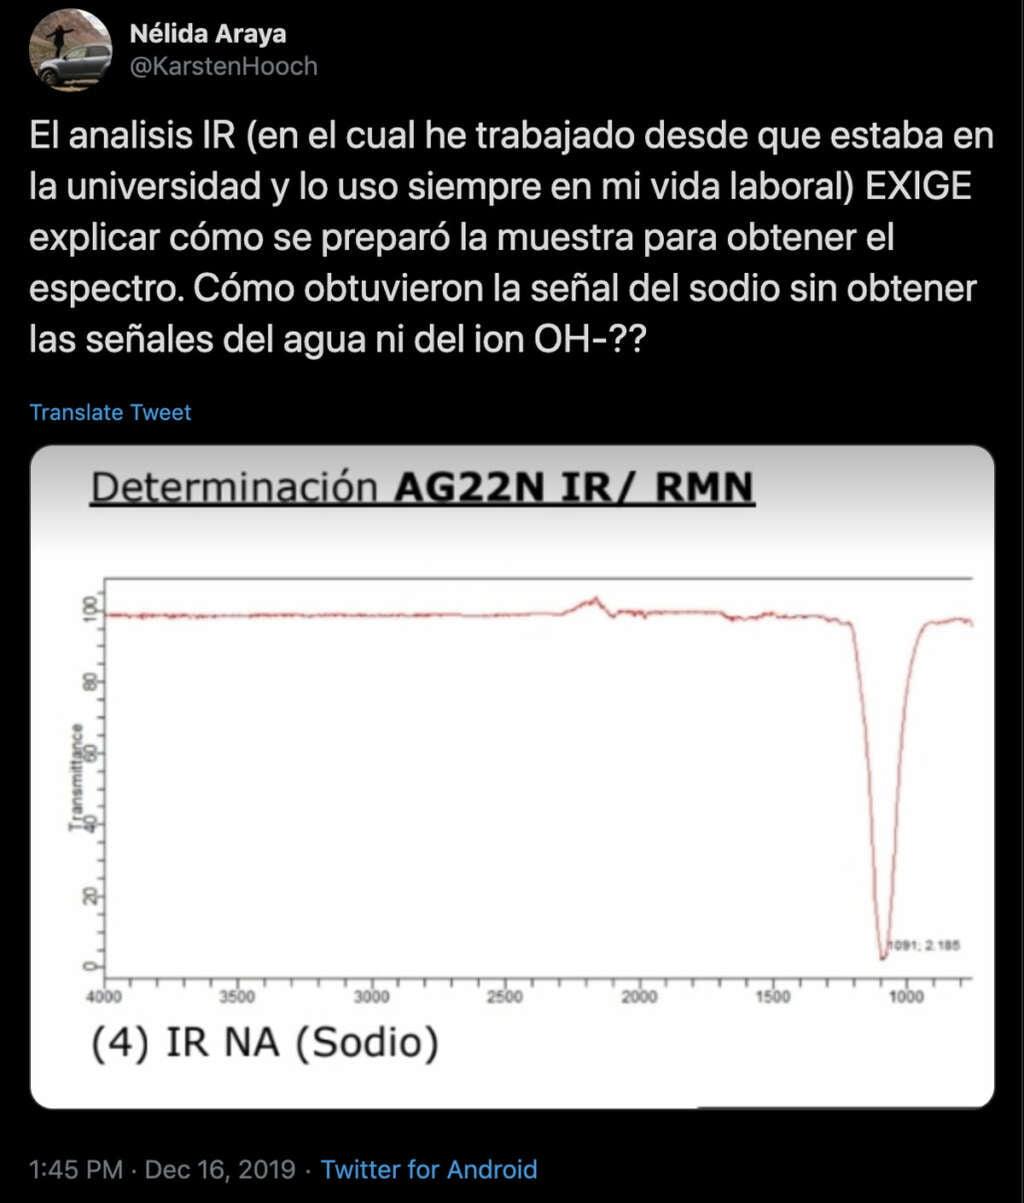 Otra profesional química pone en duda el estudio de la soda cáustica en Carabineros.